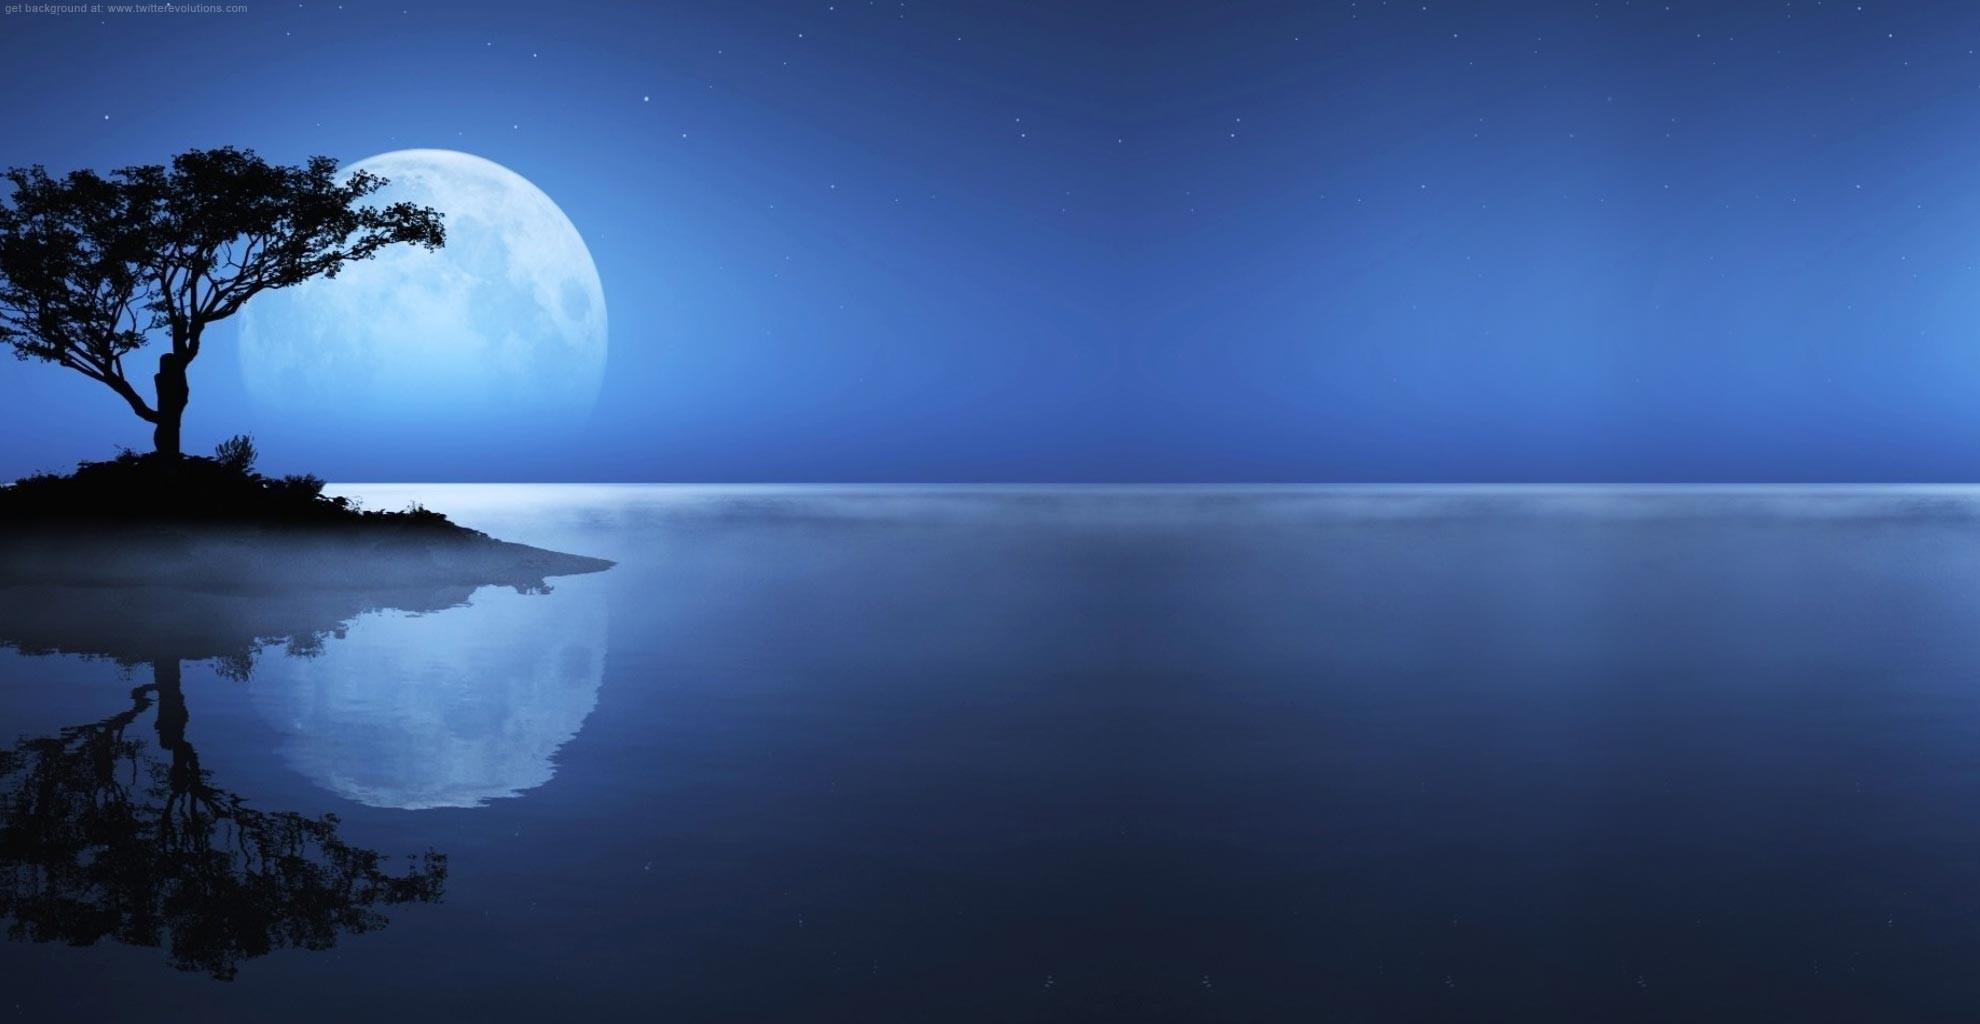 Papel De Parede Luz Solar Mar Noite Reflexao Ceu Terra